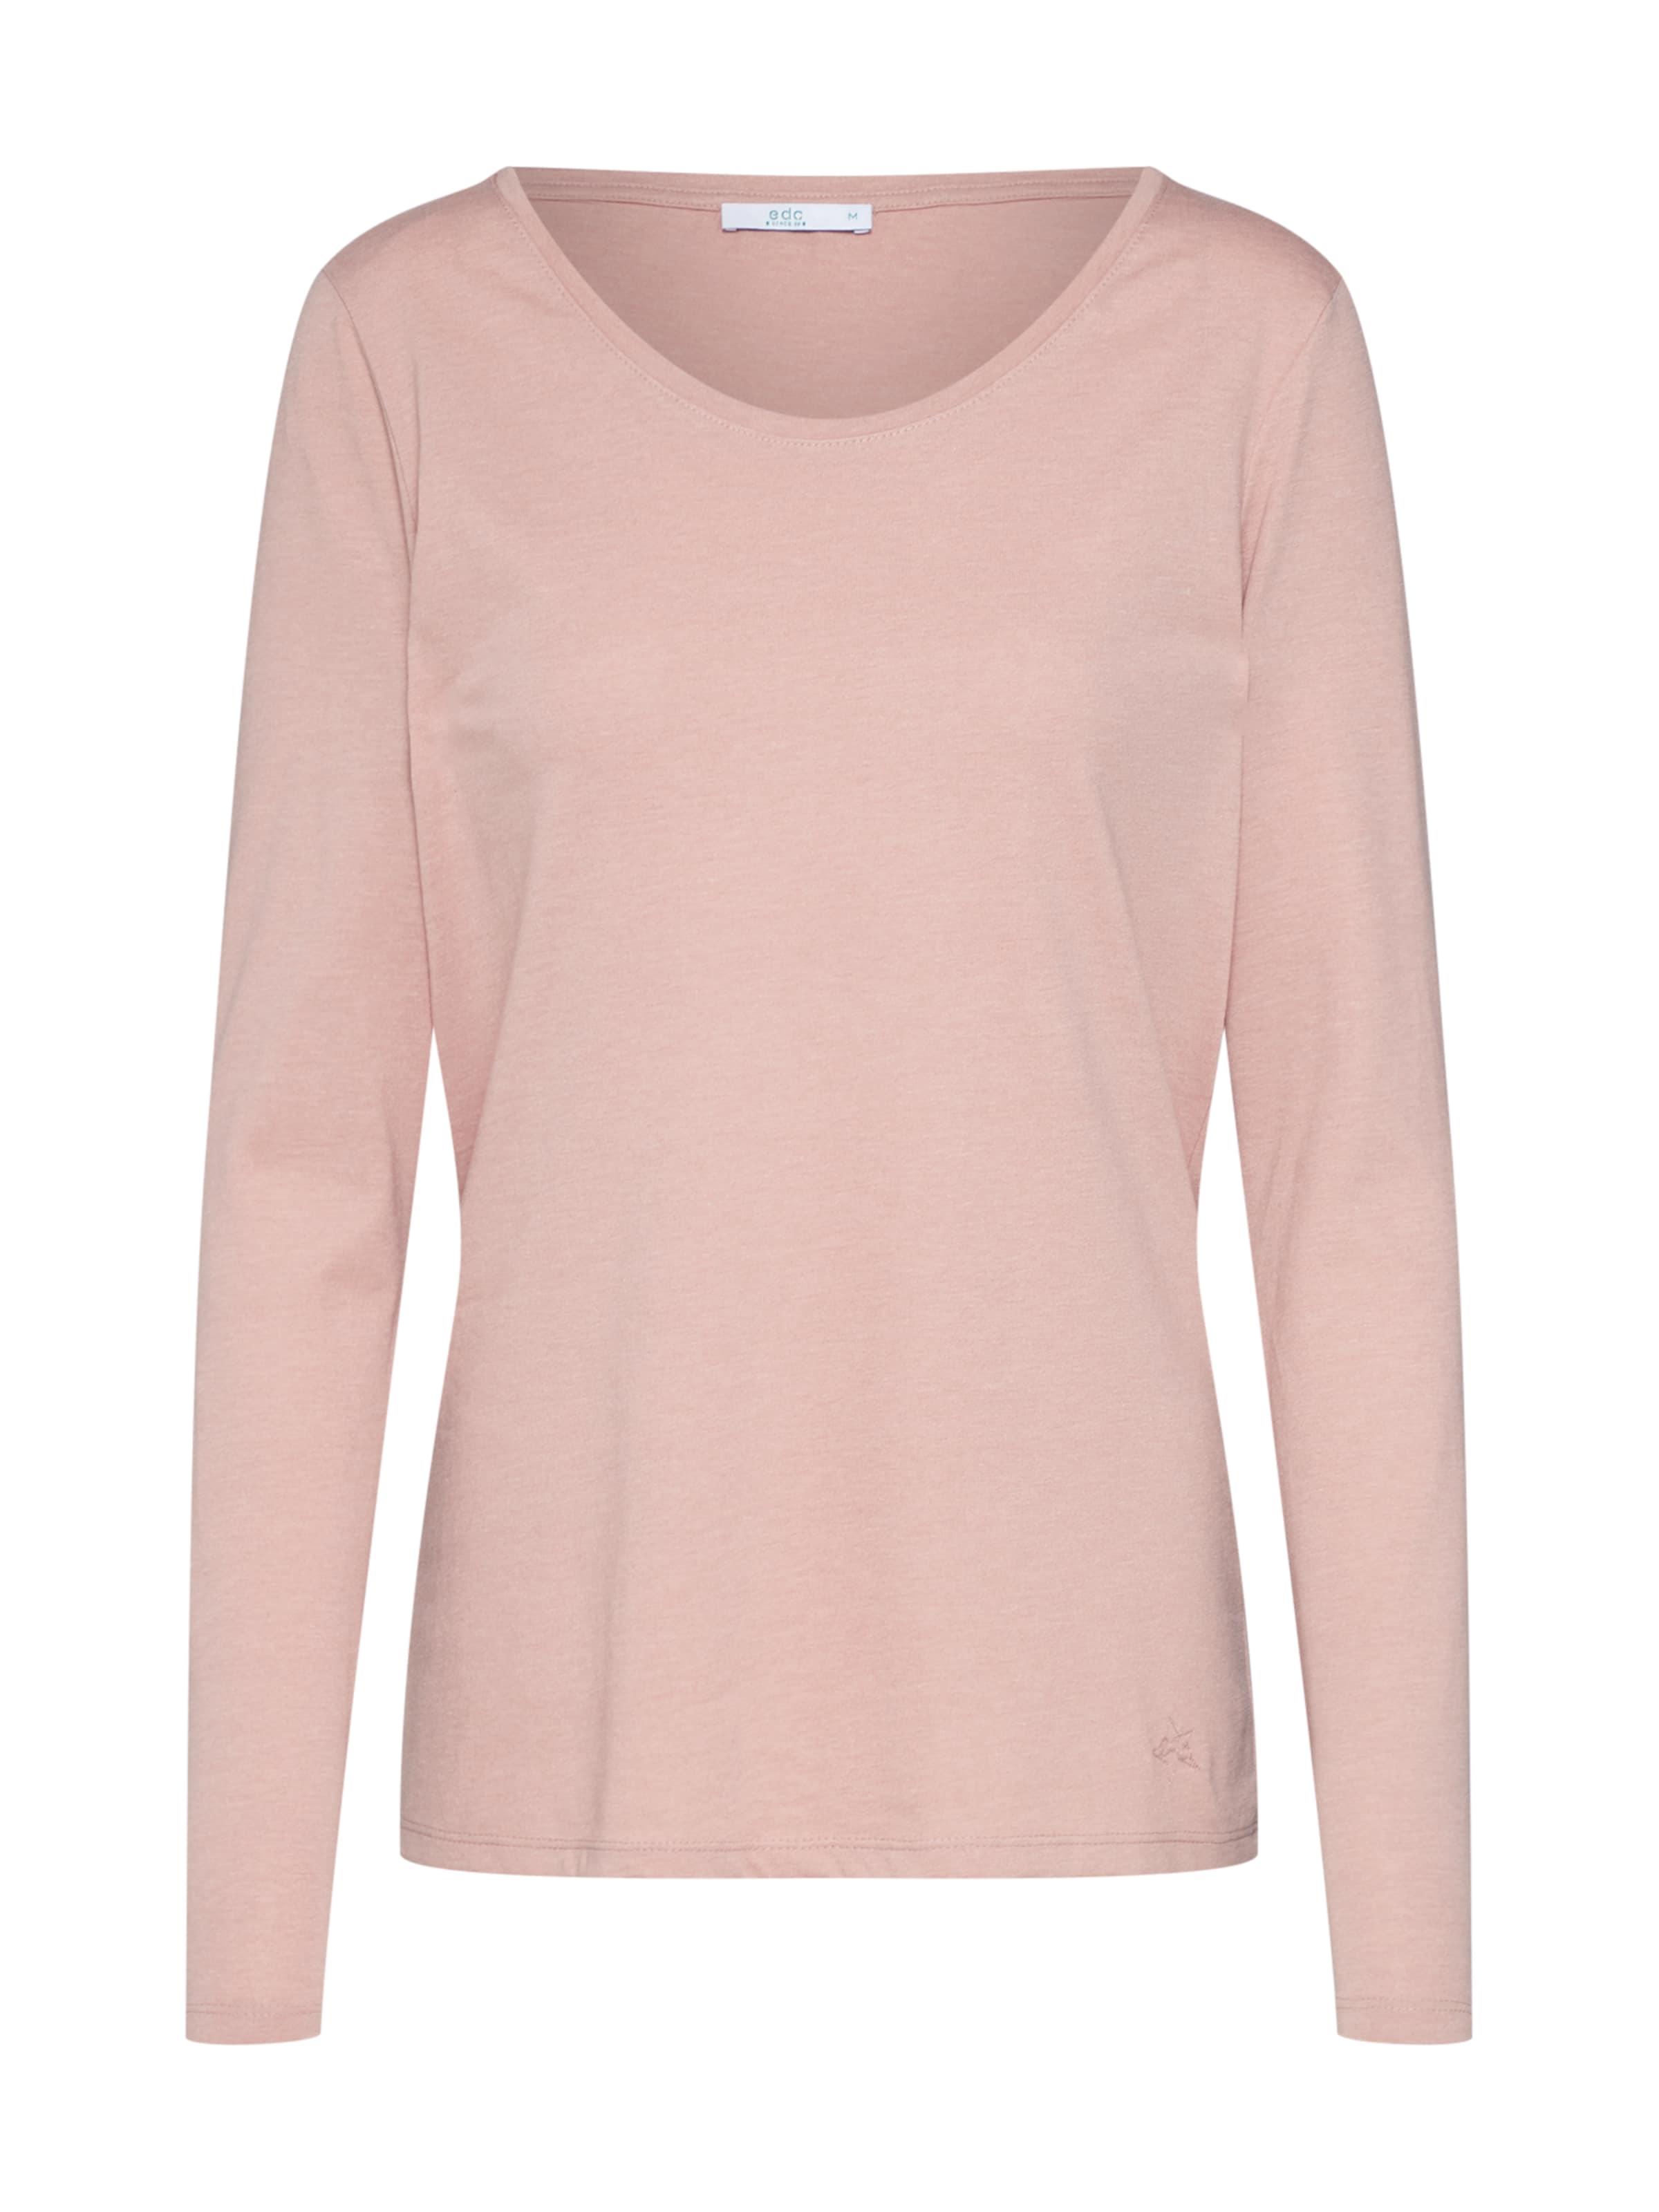 Scoop' By Flow Rosé Esprit Edc In Shirt 'ocs m8wNn0